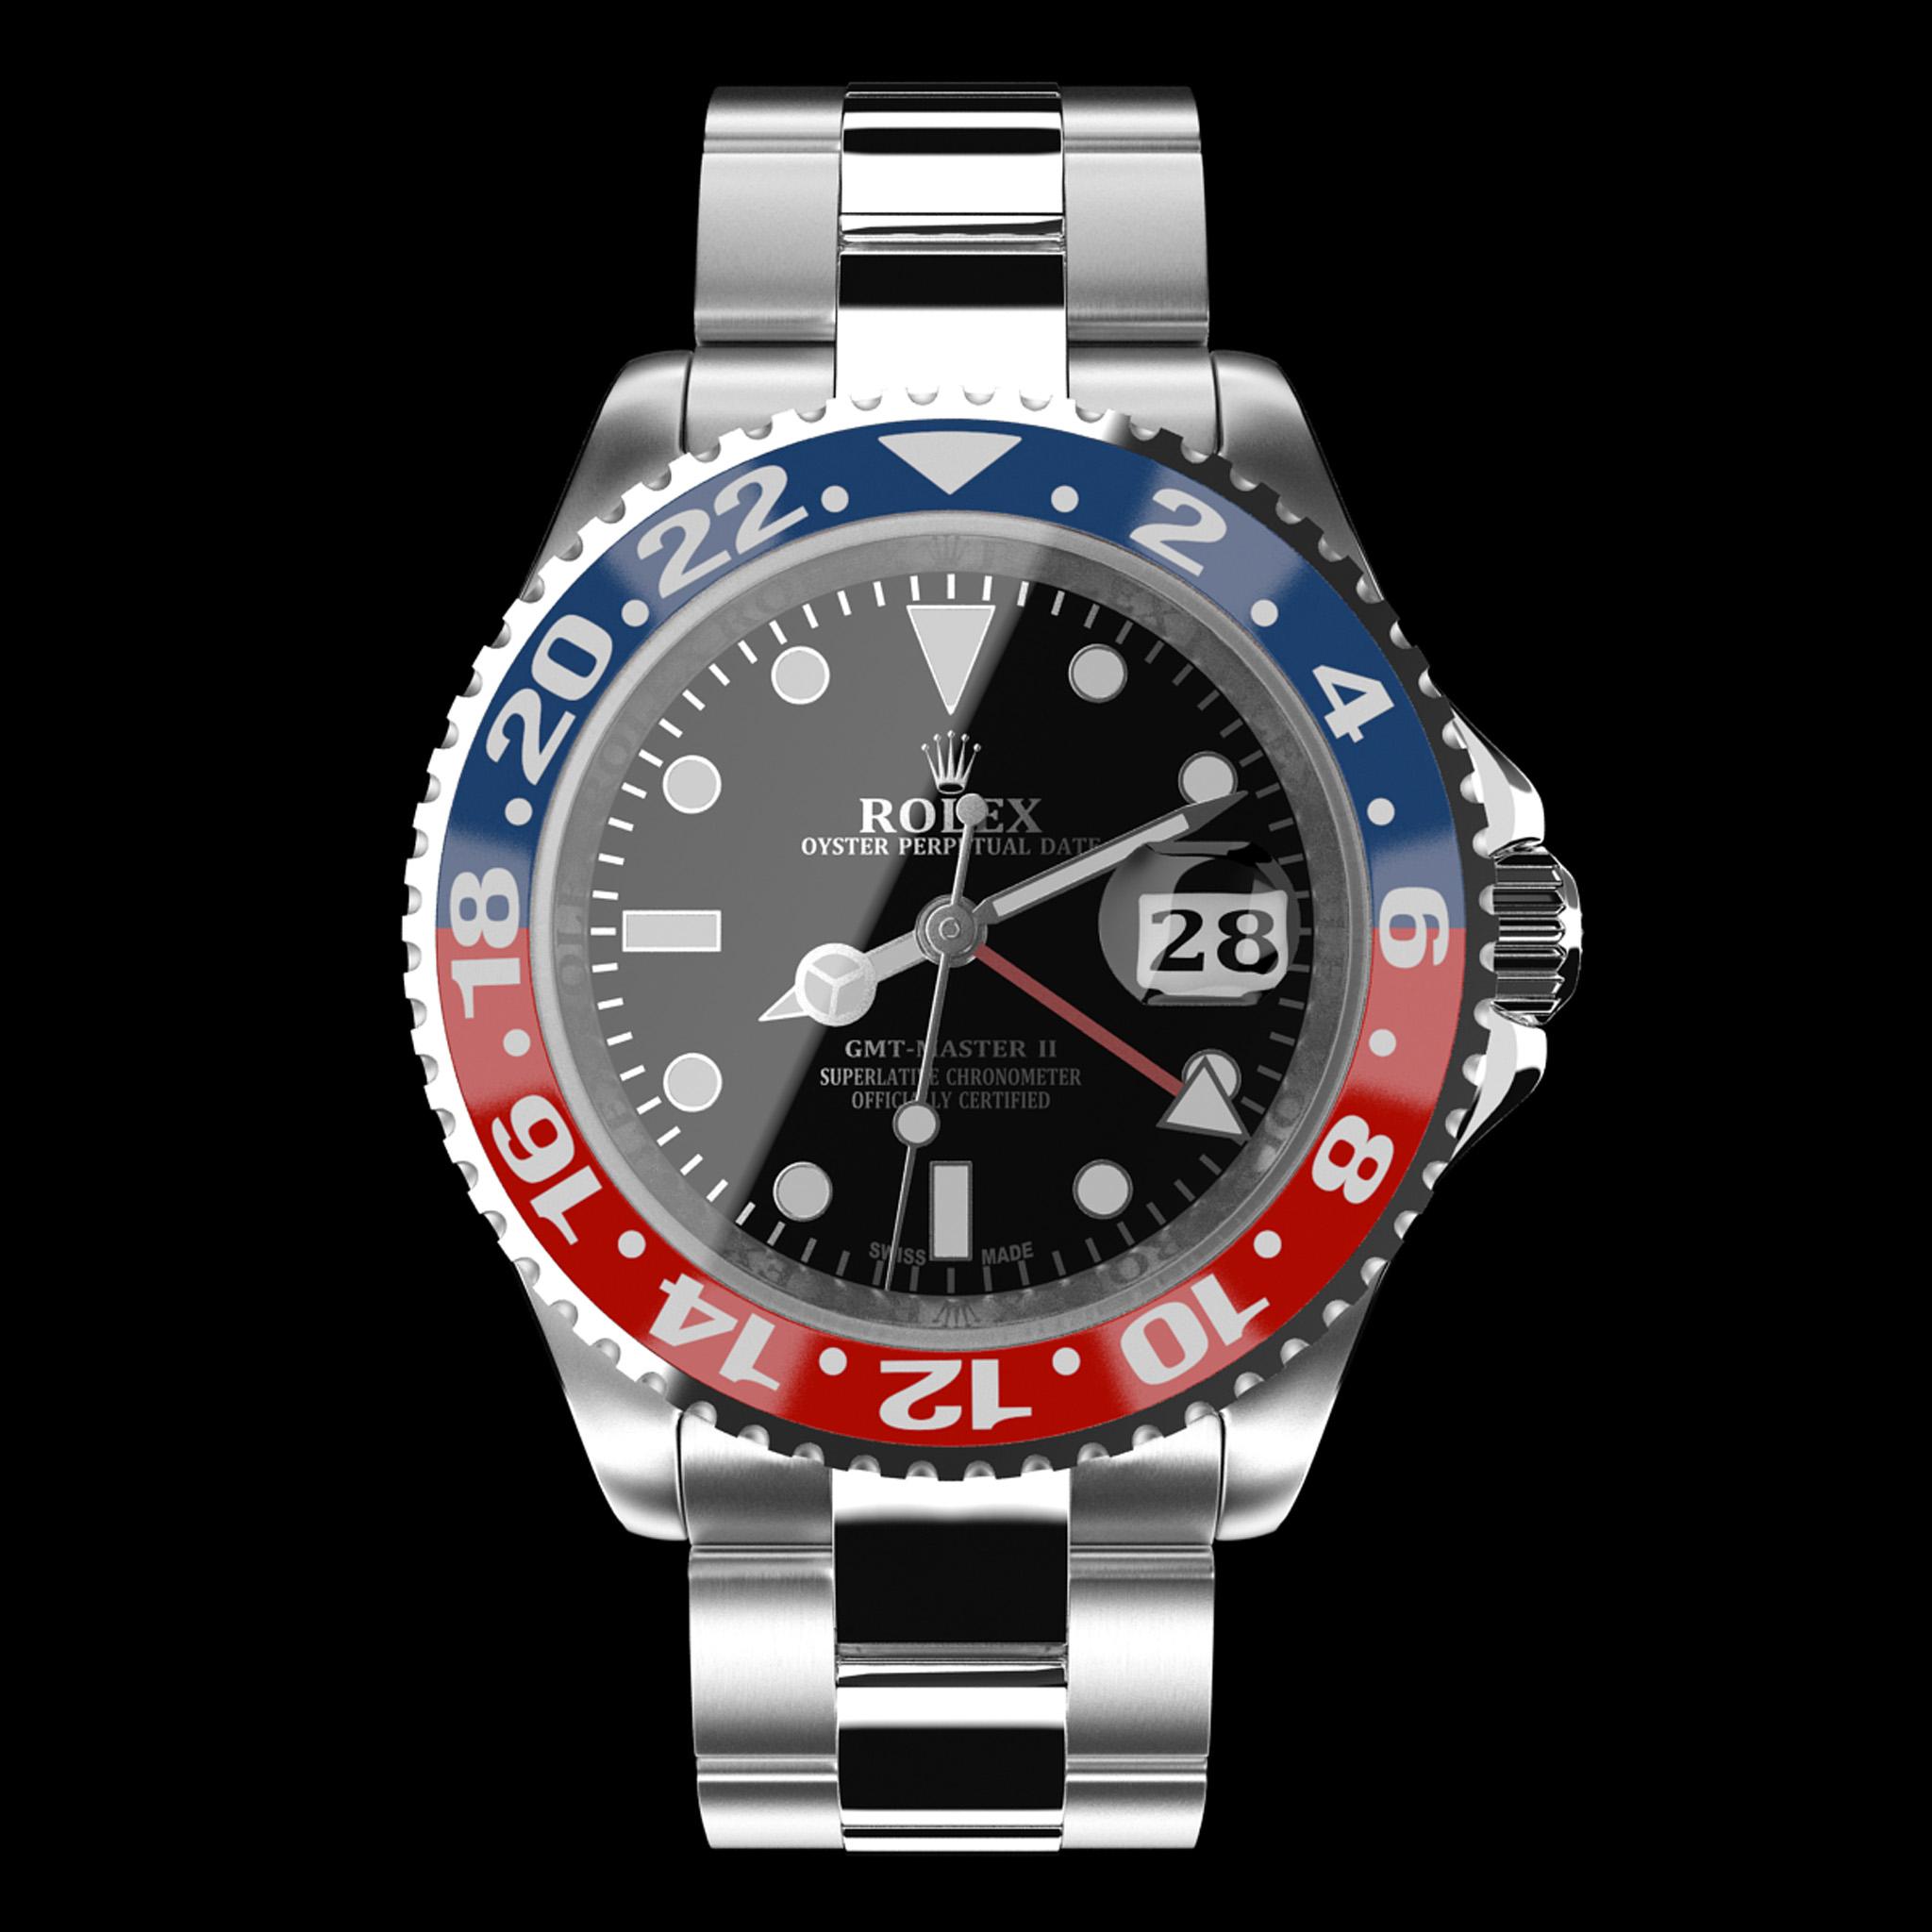 Rolex GMT,Master II Pepsi